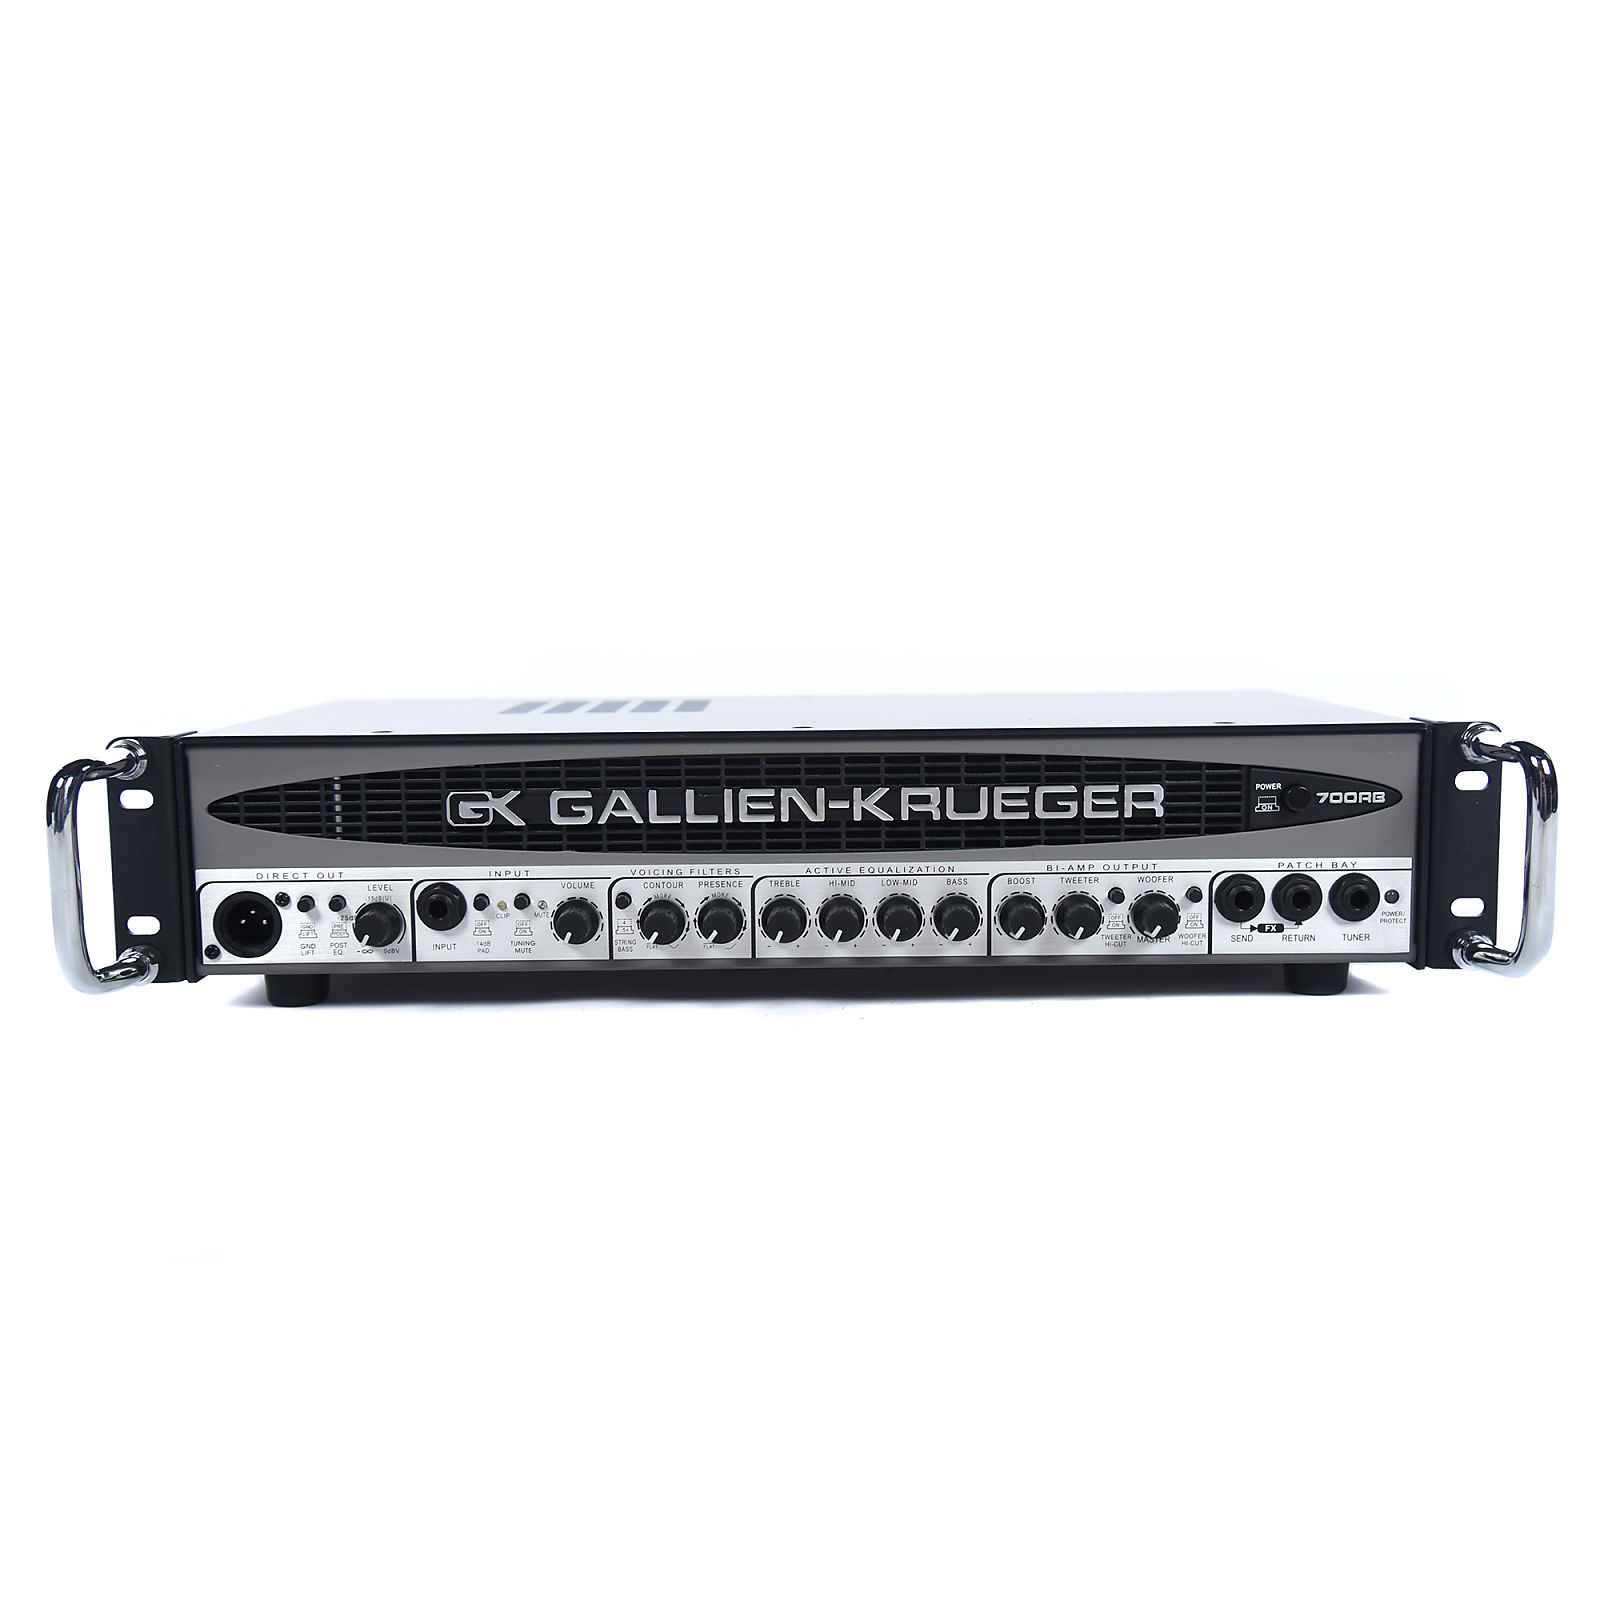 Gallien-Krueger 700RB-II 480+50W Head